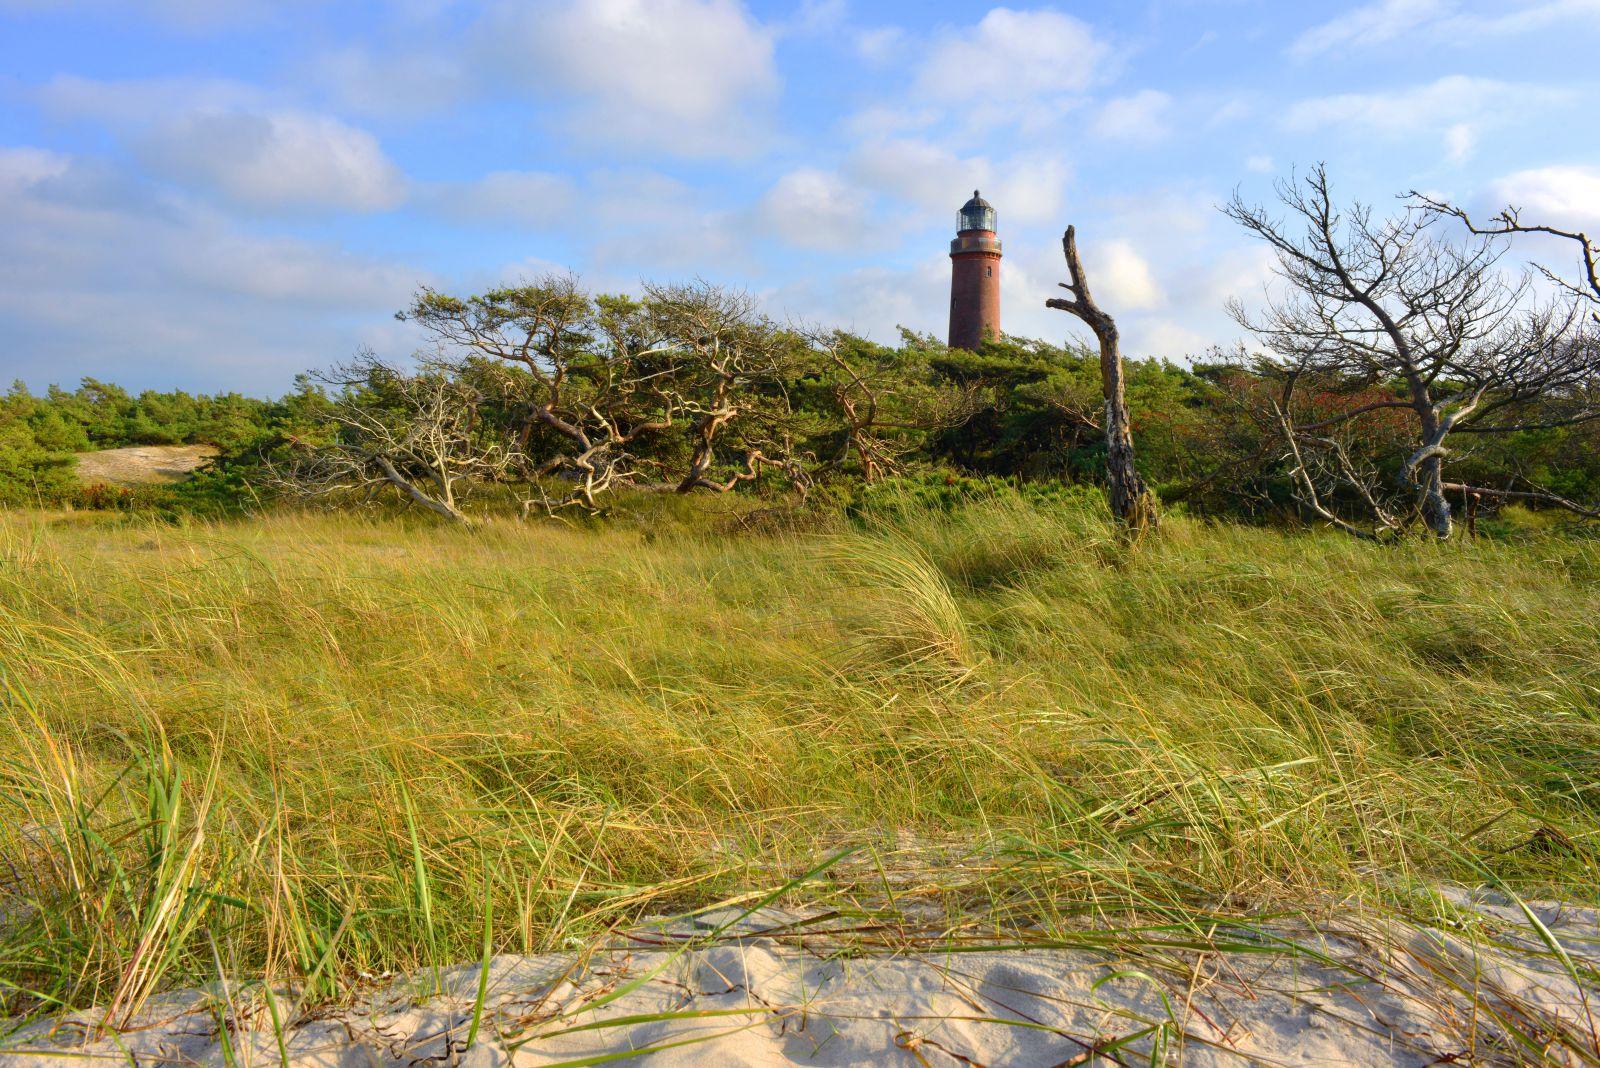 Auf dem Darß geht es durch Dünenlandschaften. ©Sinuswelle/AdobeStock